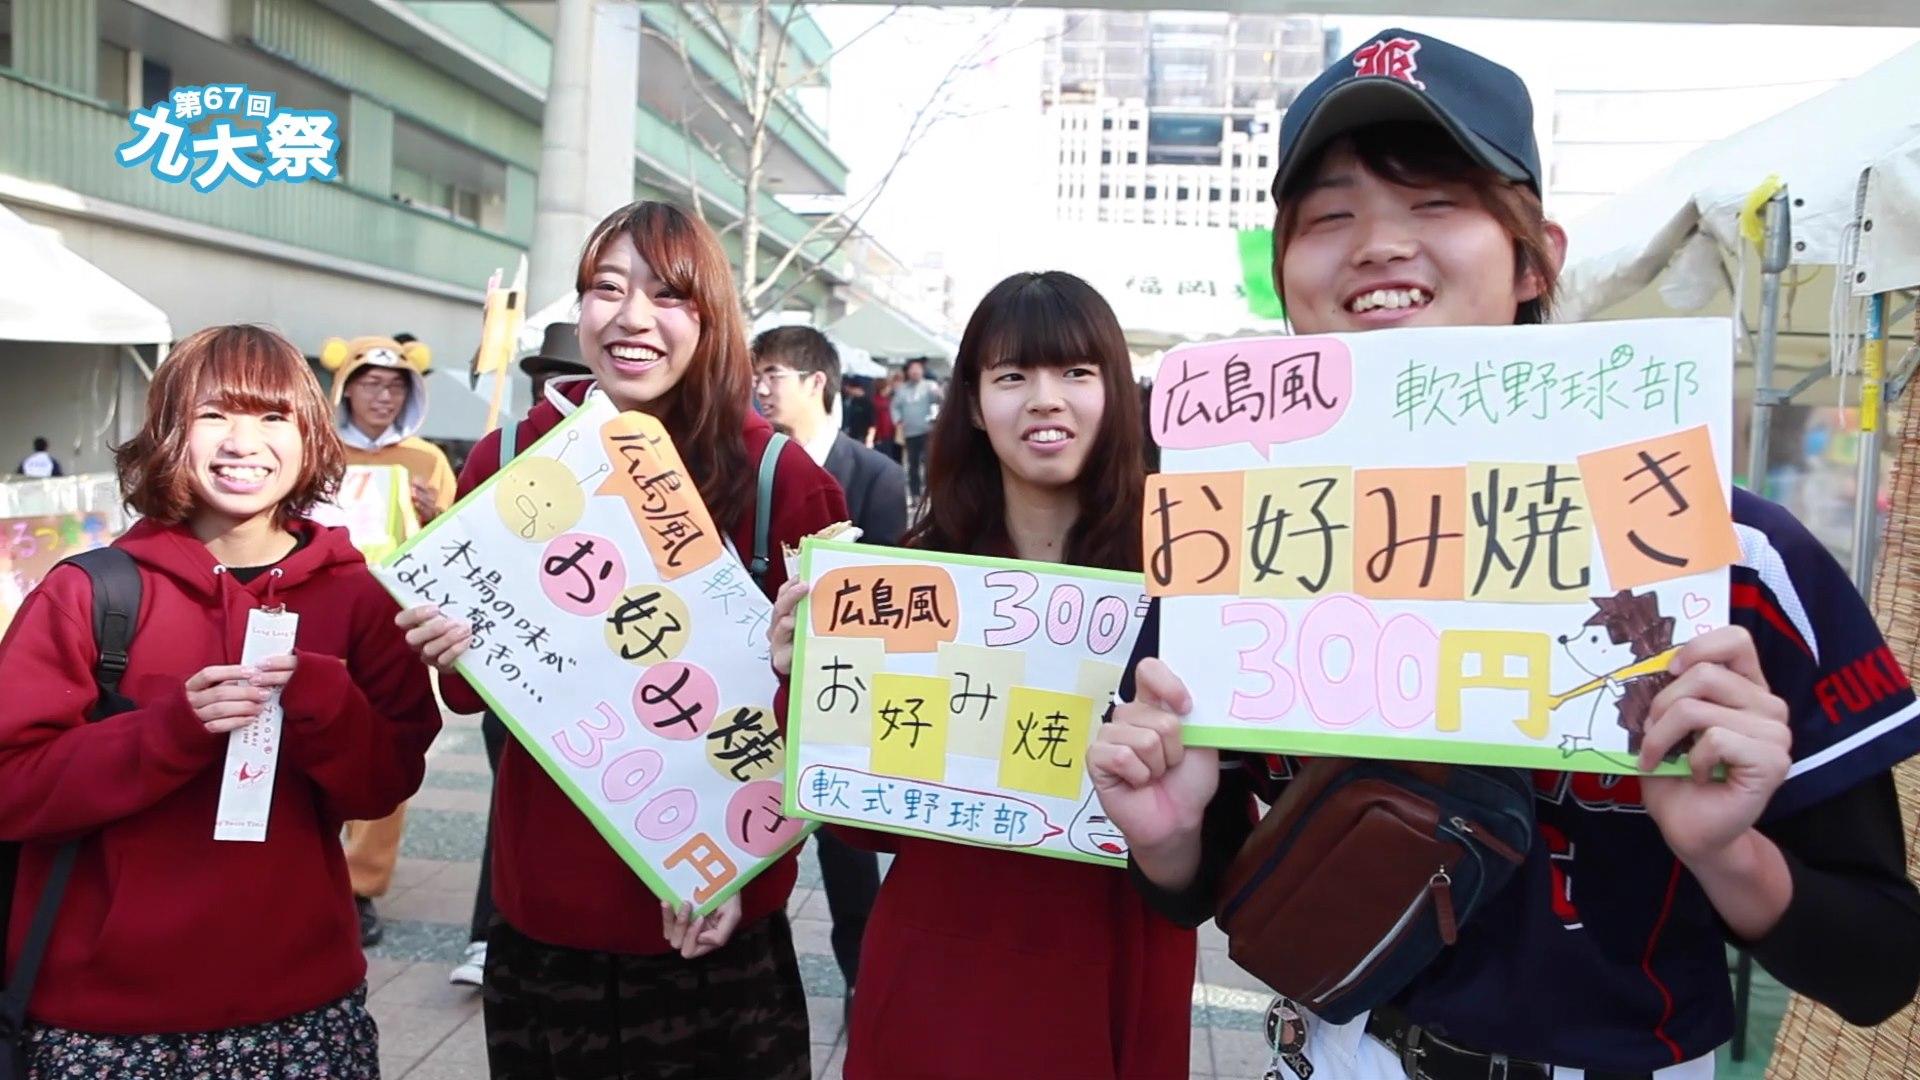 第67回 九州大学学祭.mov_000101020